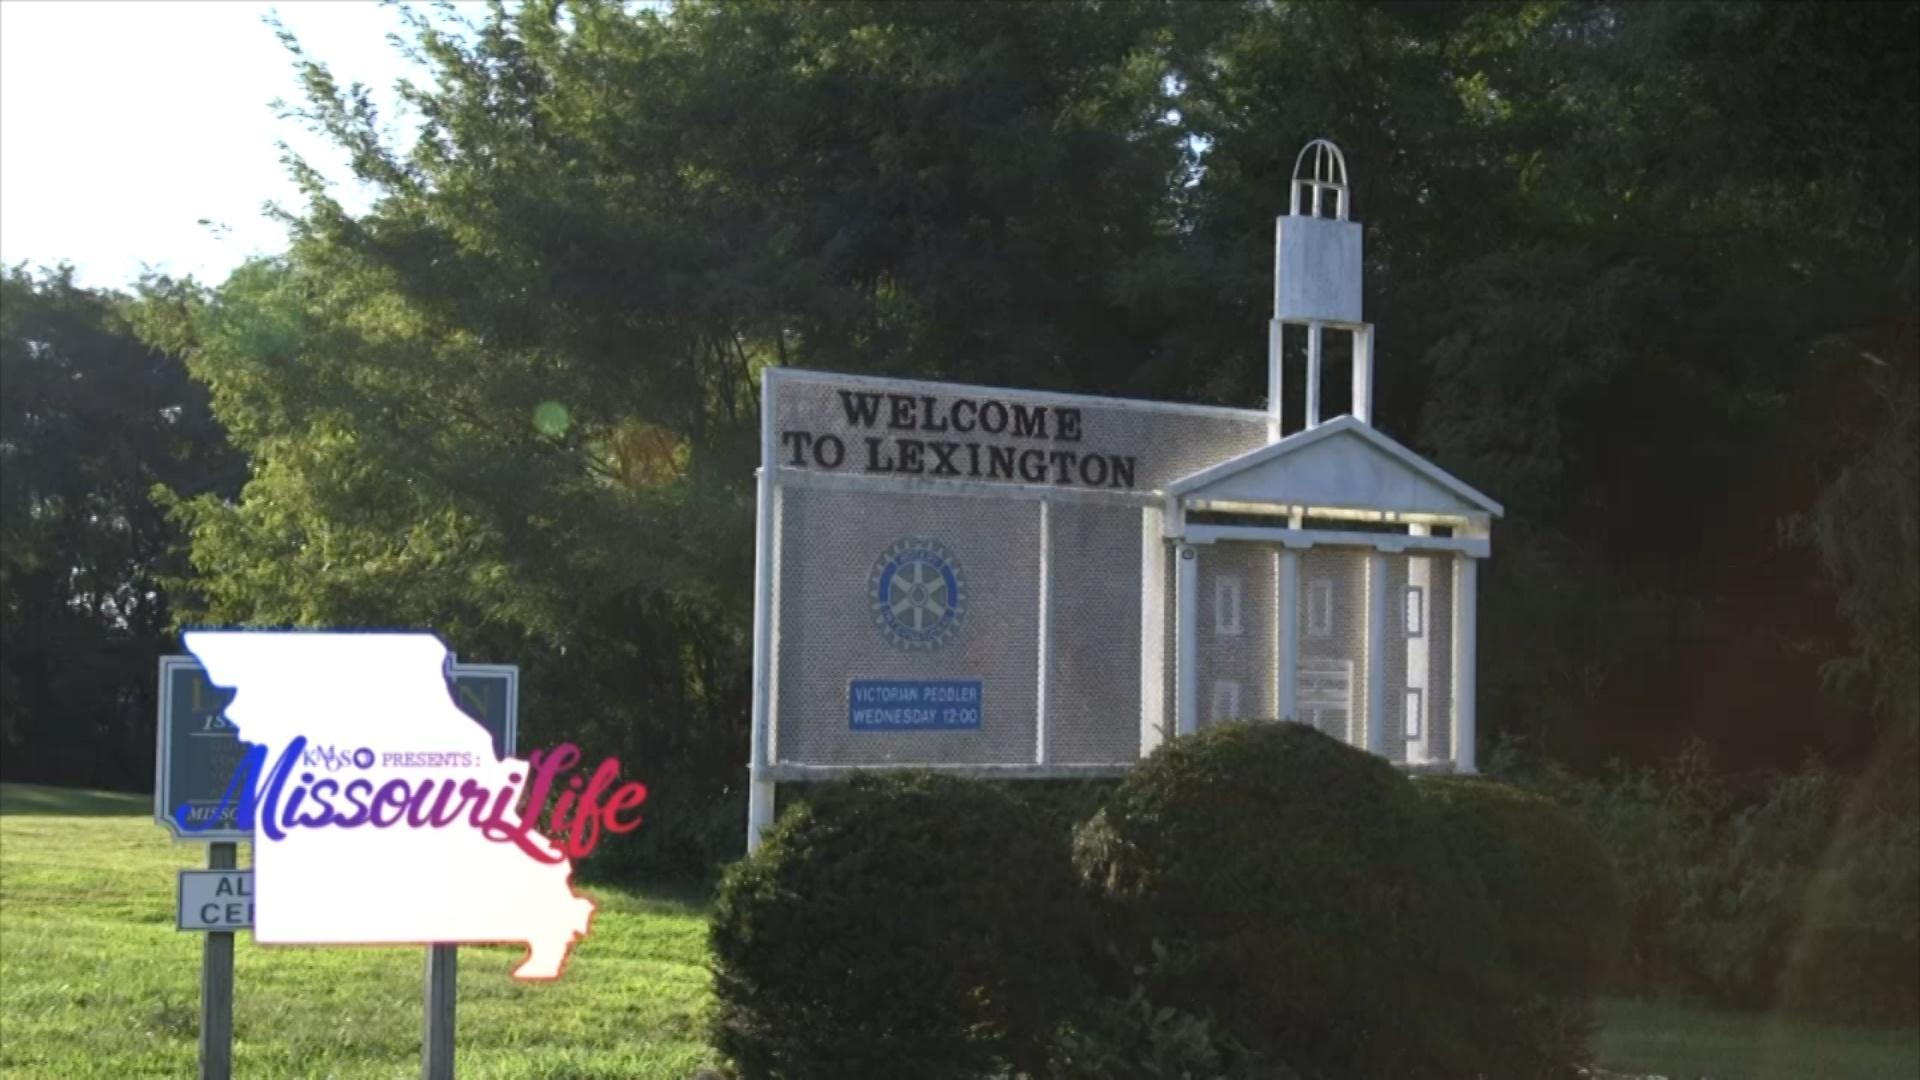 KMOS Presents Missouri Life Lexington